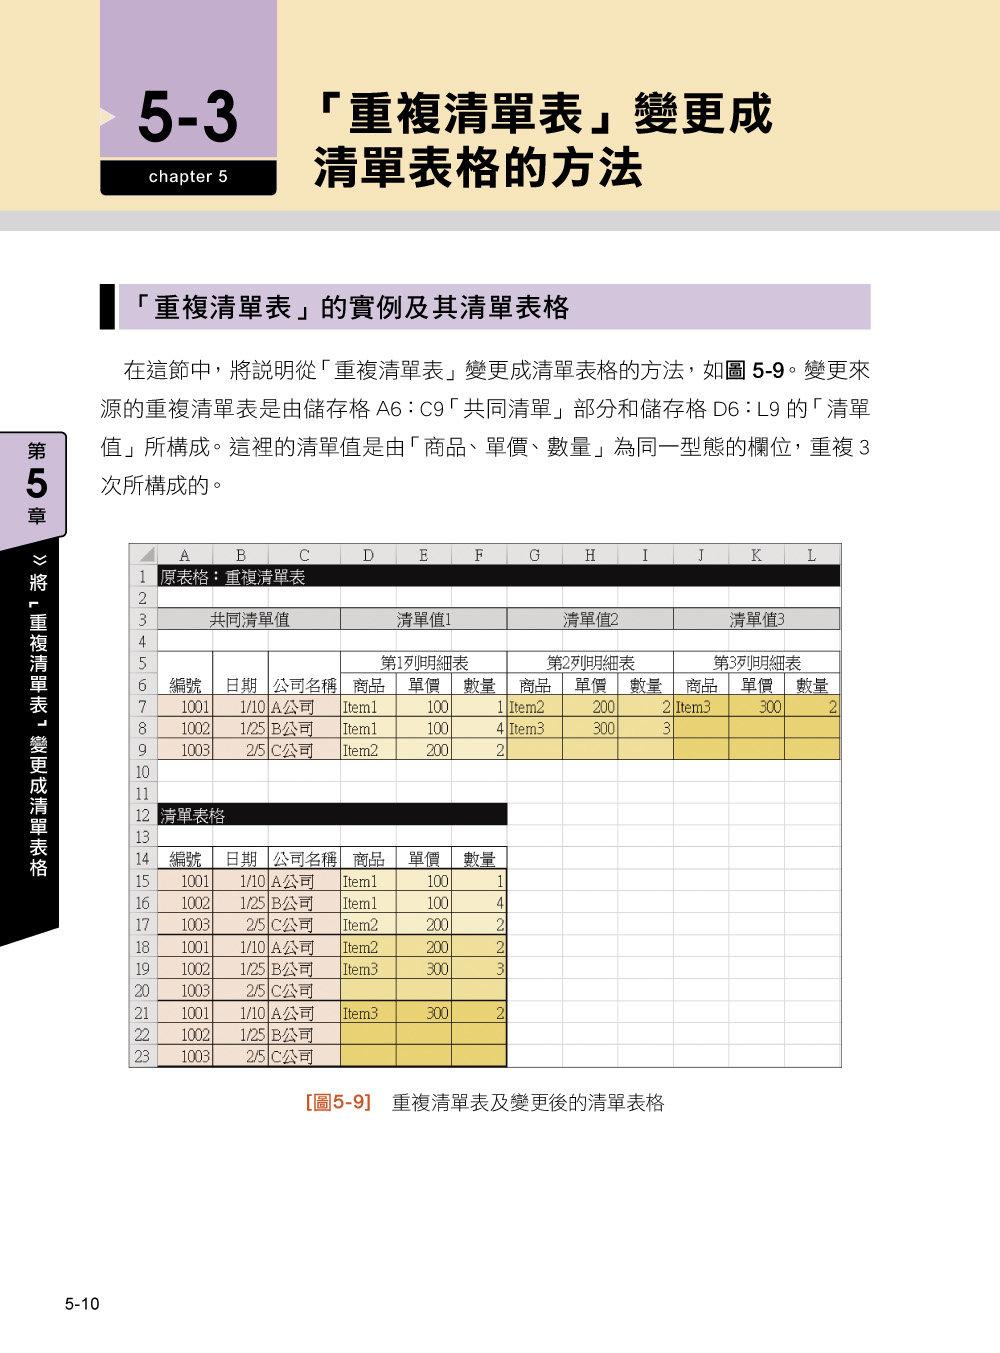 免寫程式!Excel 大量資料整理術:早知道這些技巧,樞紐分析不再抓狂-preview-6